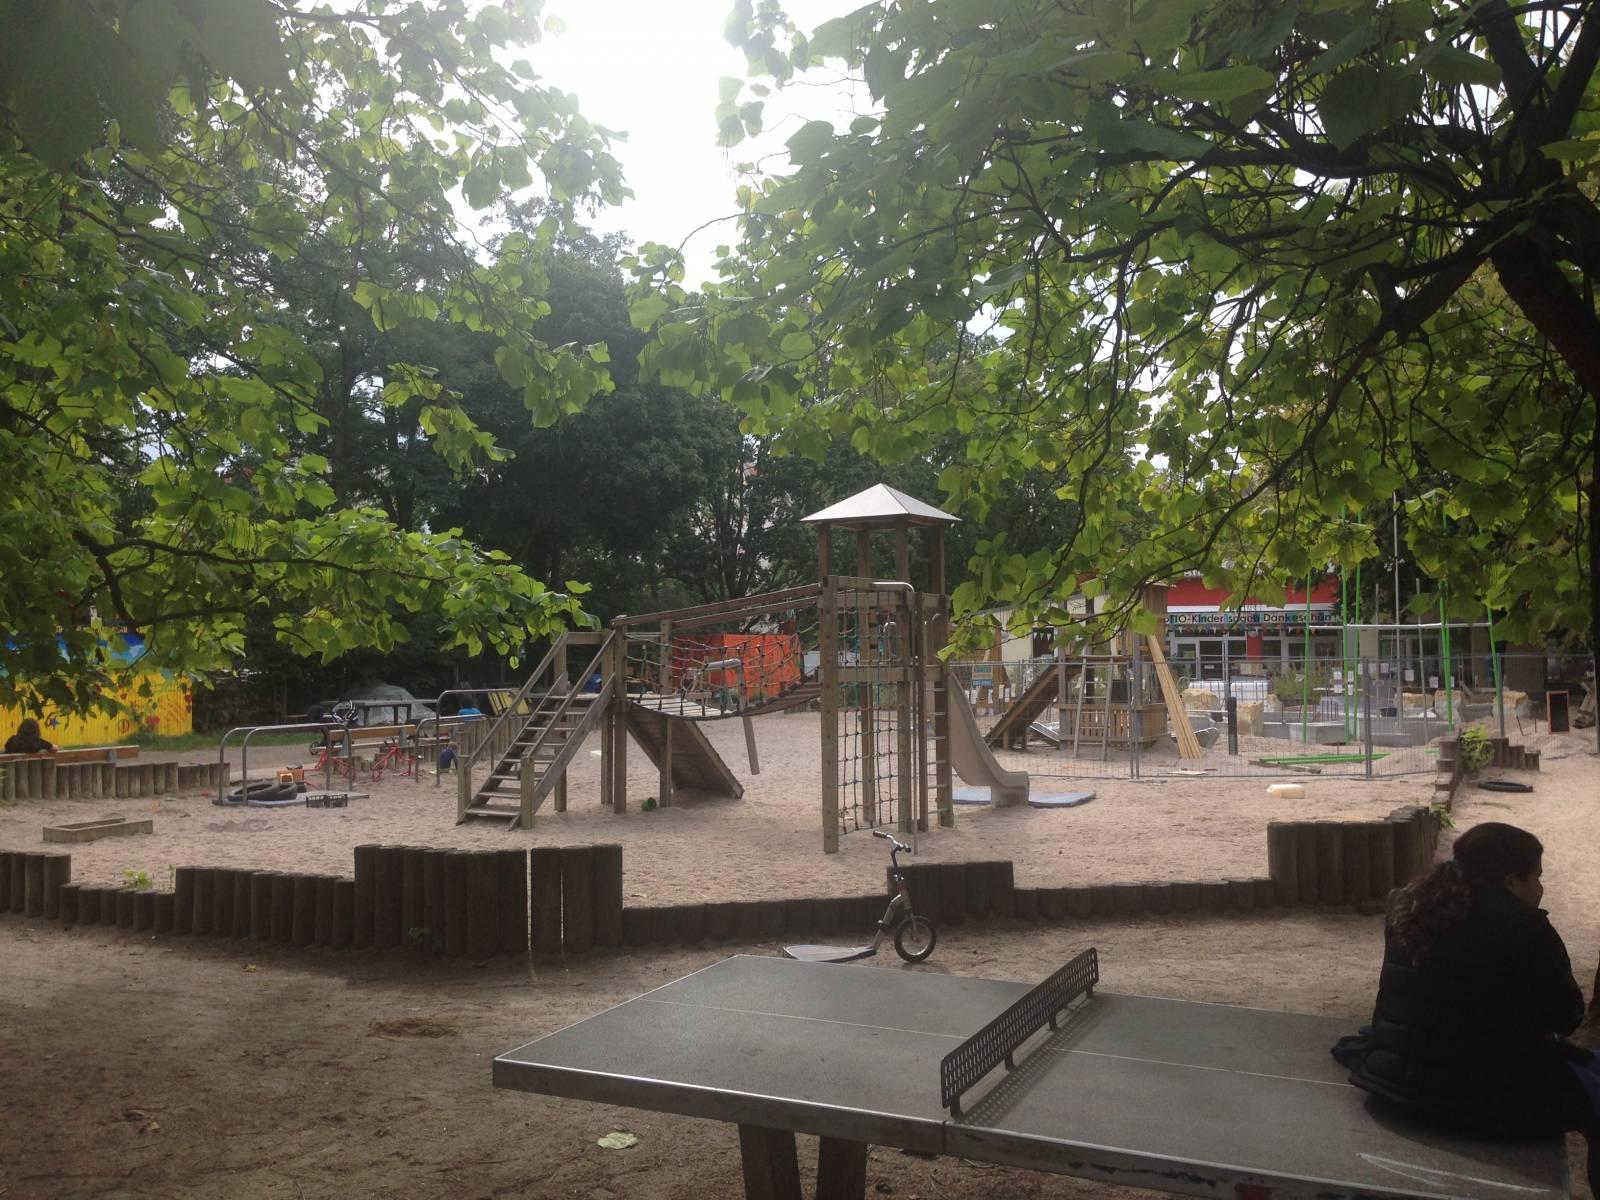 abenteuerspielplatz ottopark in berlin tiergarten. Black Bedroom Furniture Sets. Home Design Ideas